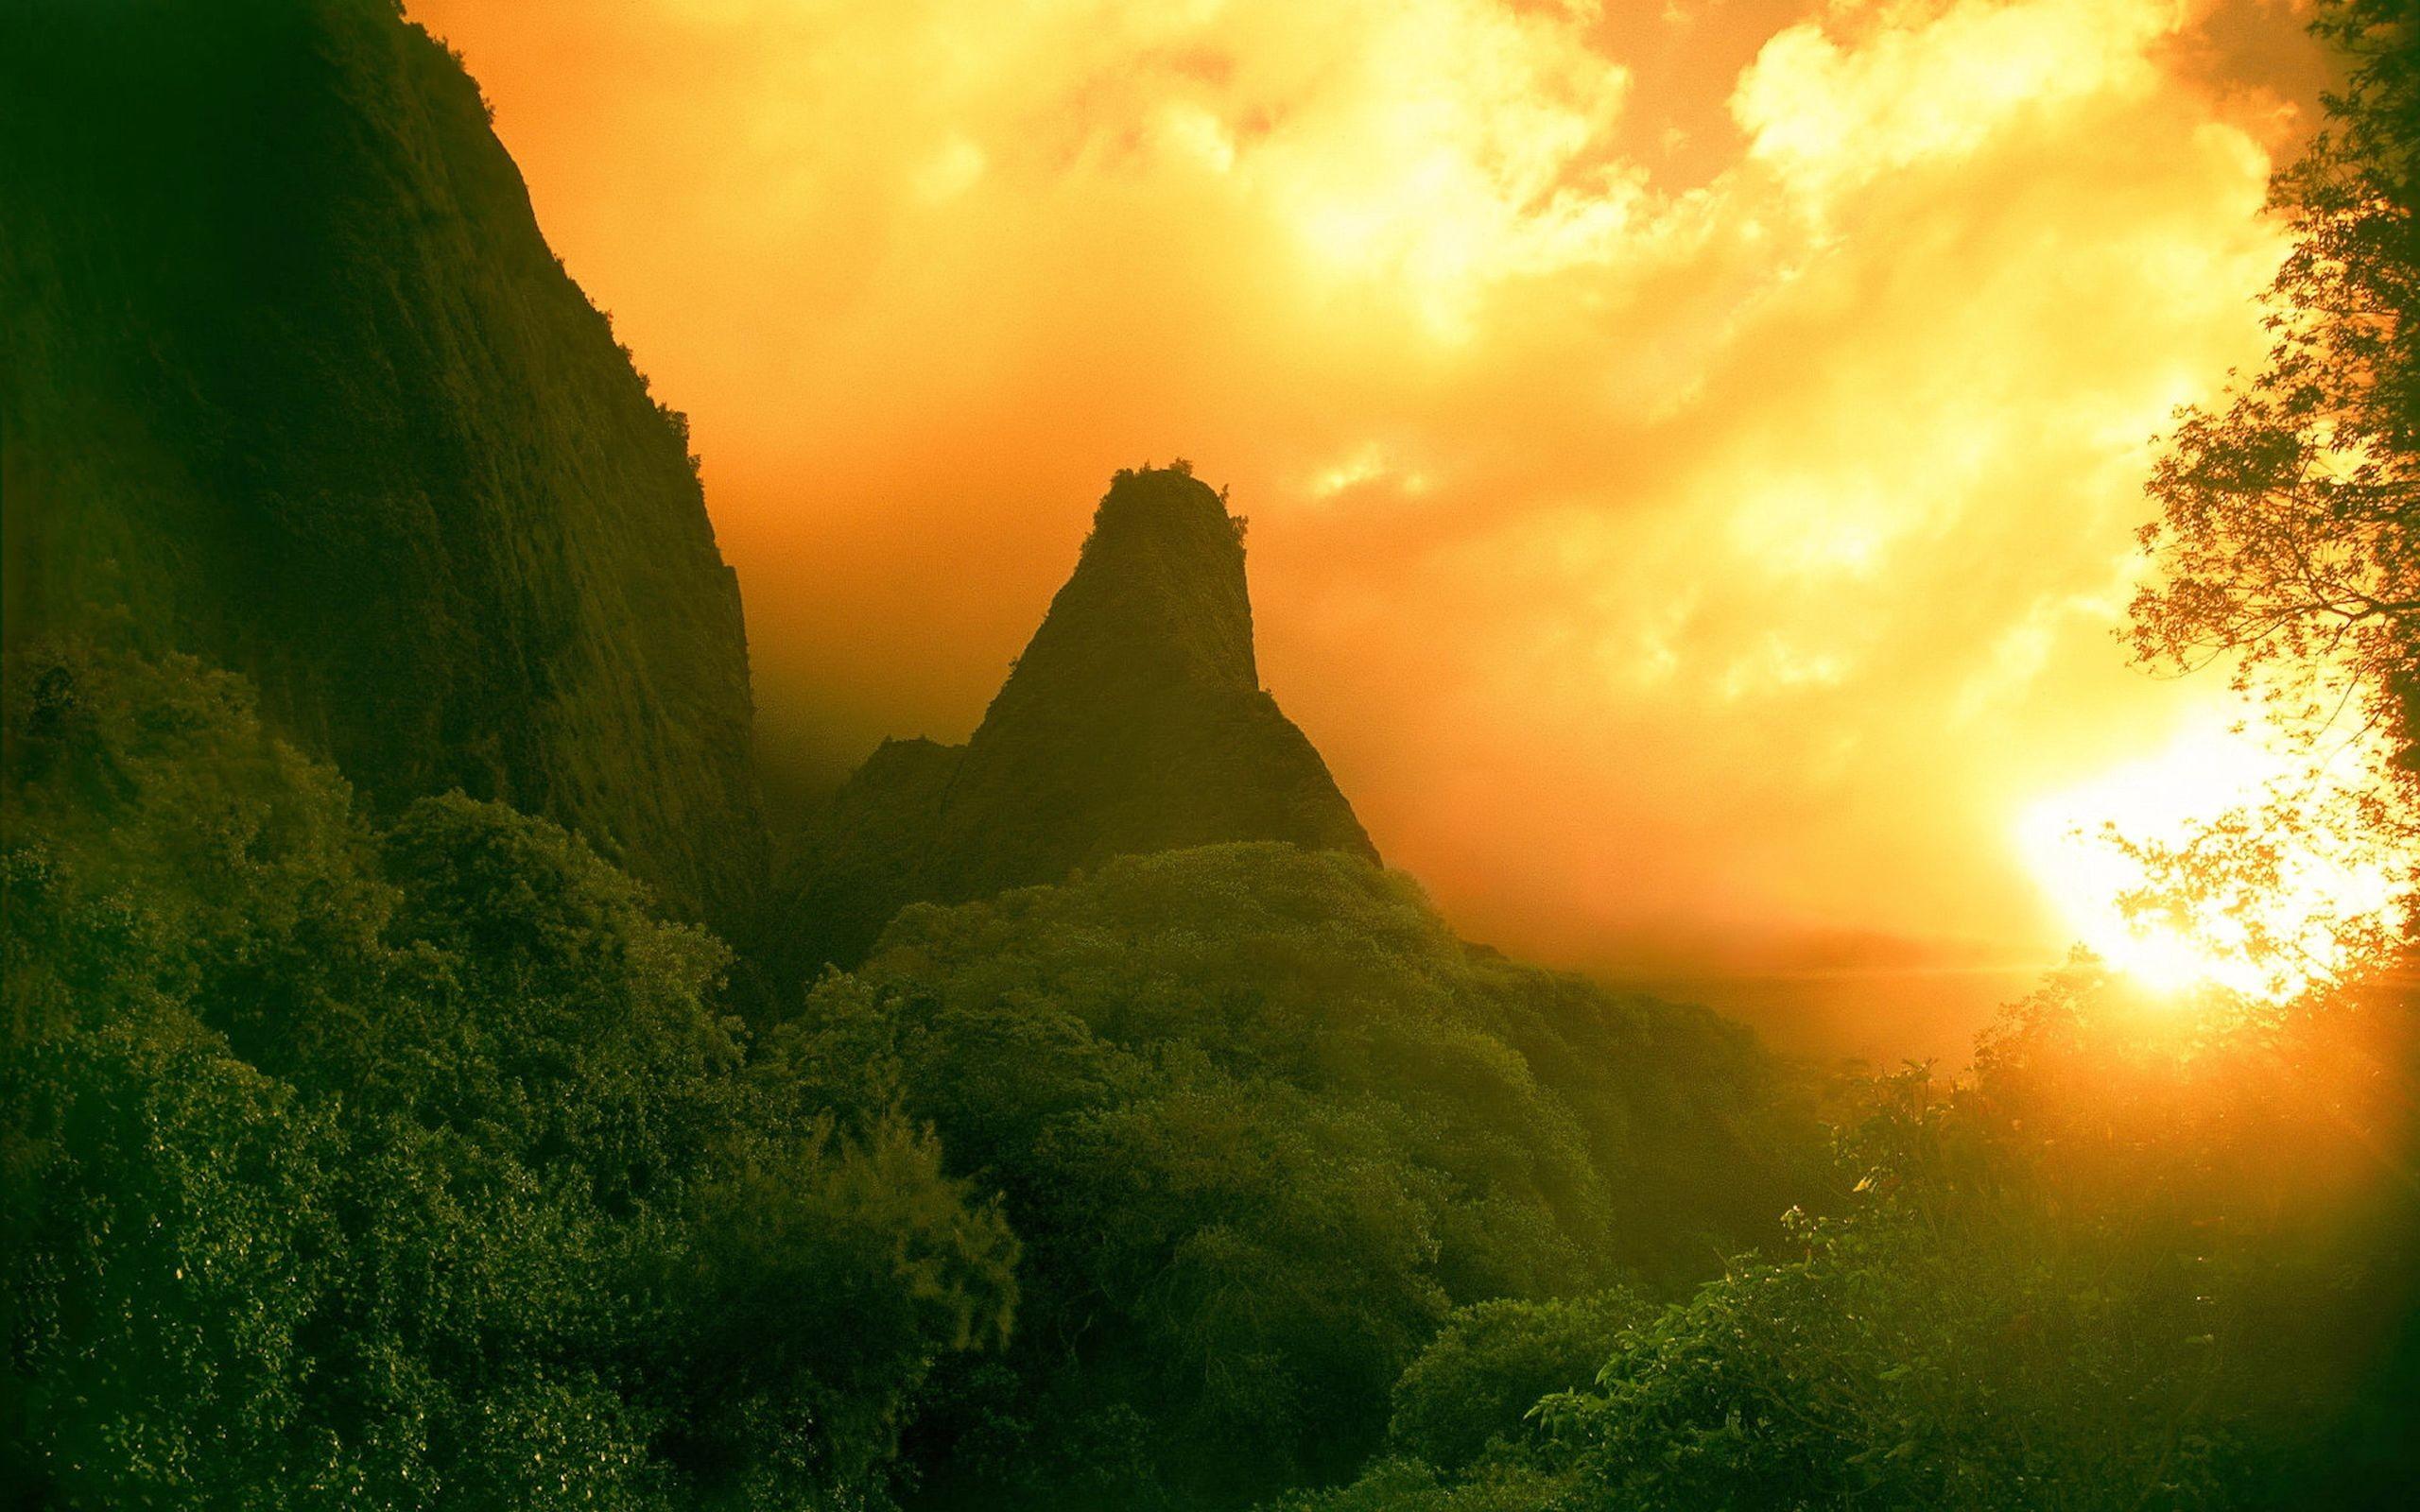 горы растительность лучи солнца скачать